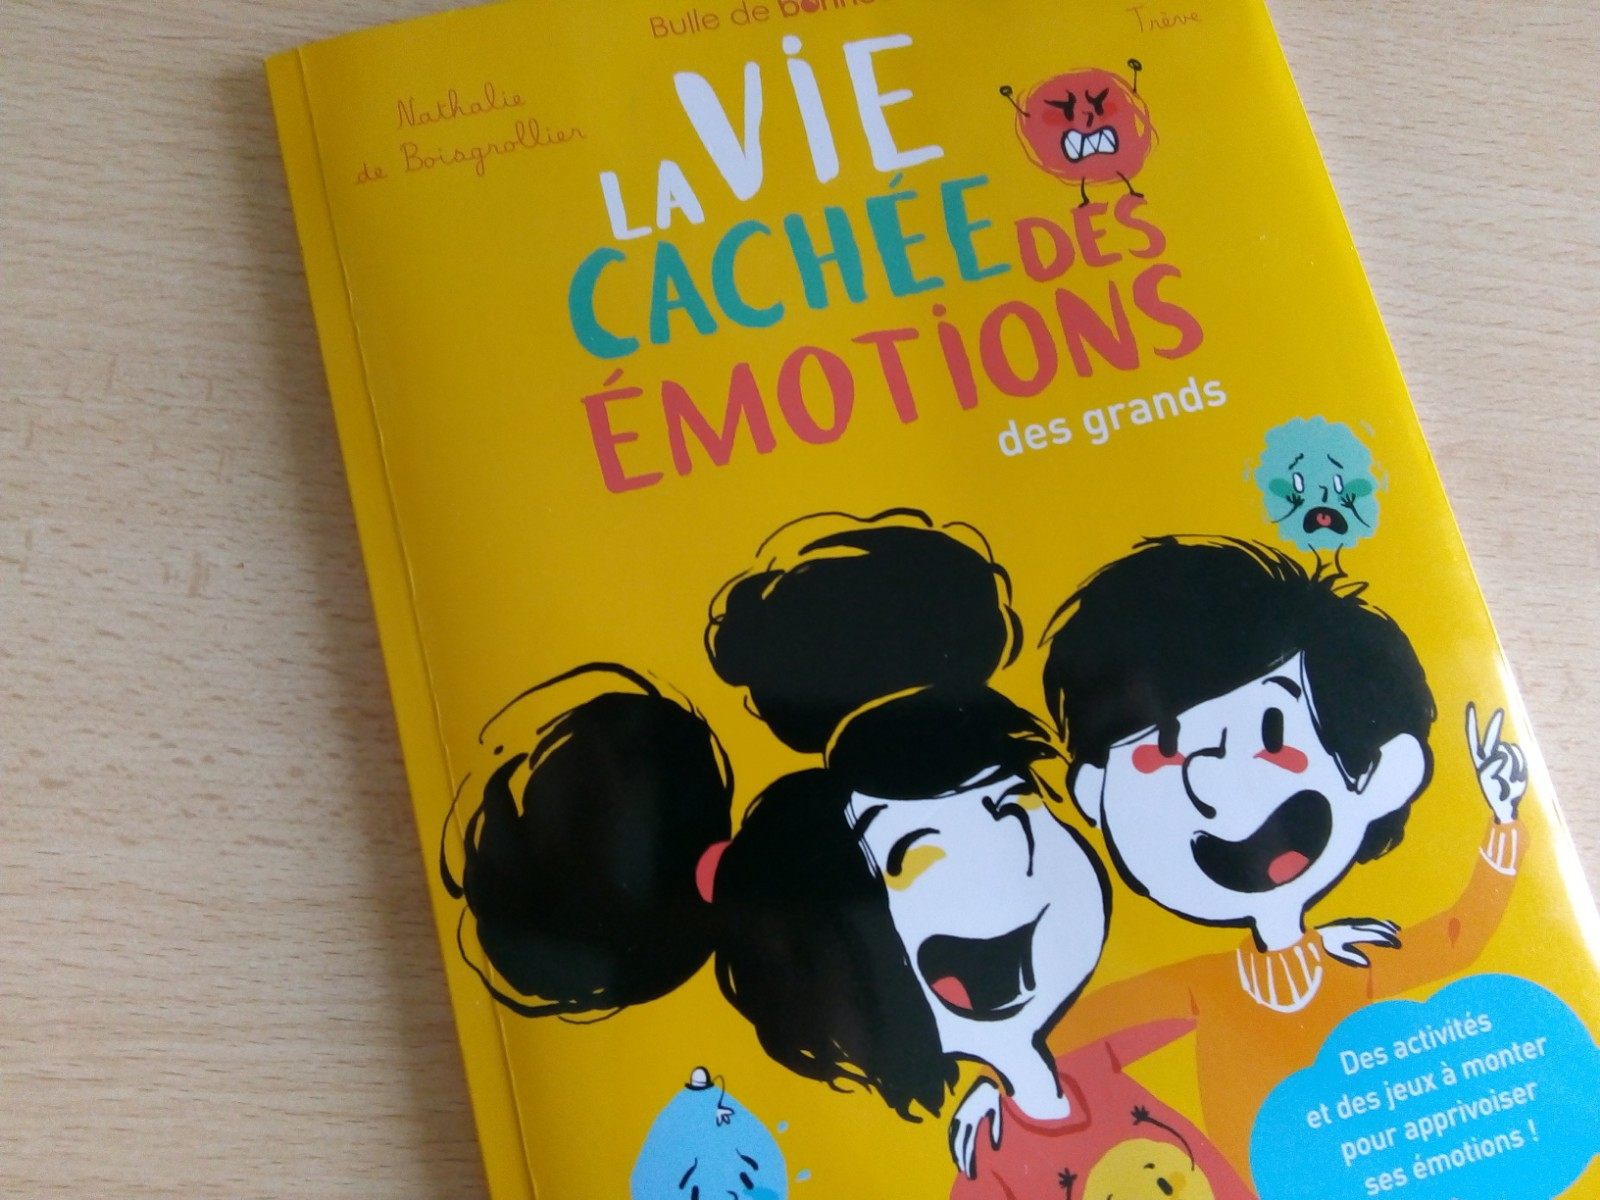 cahier émotions enfants